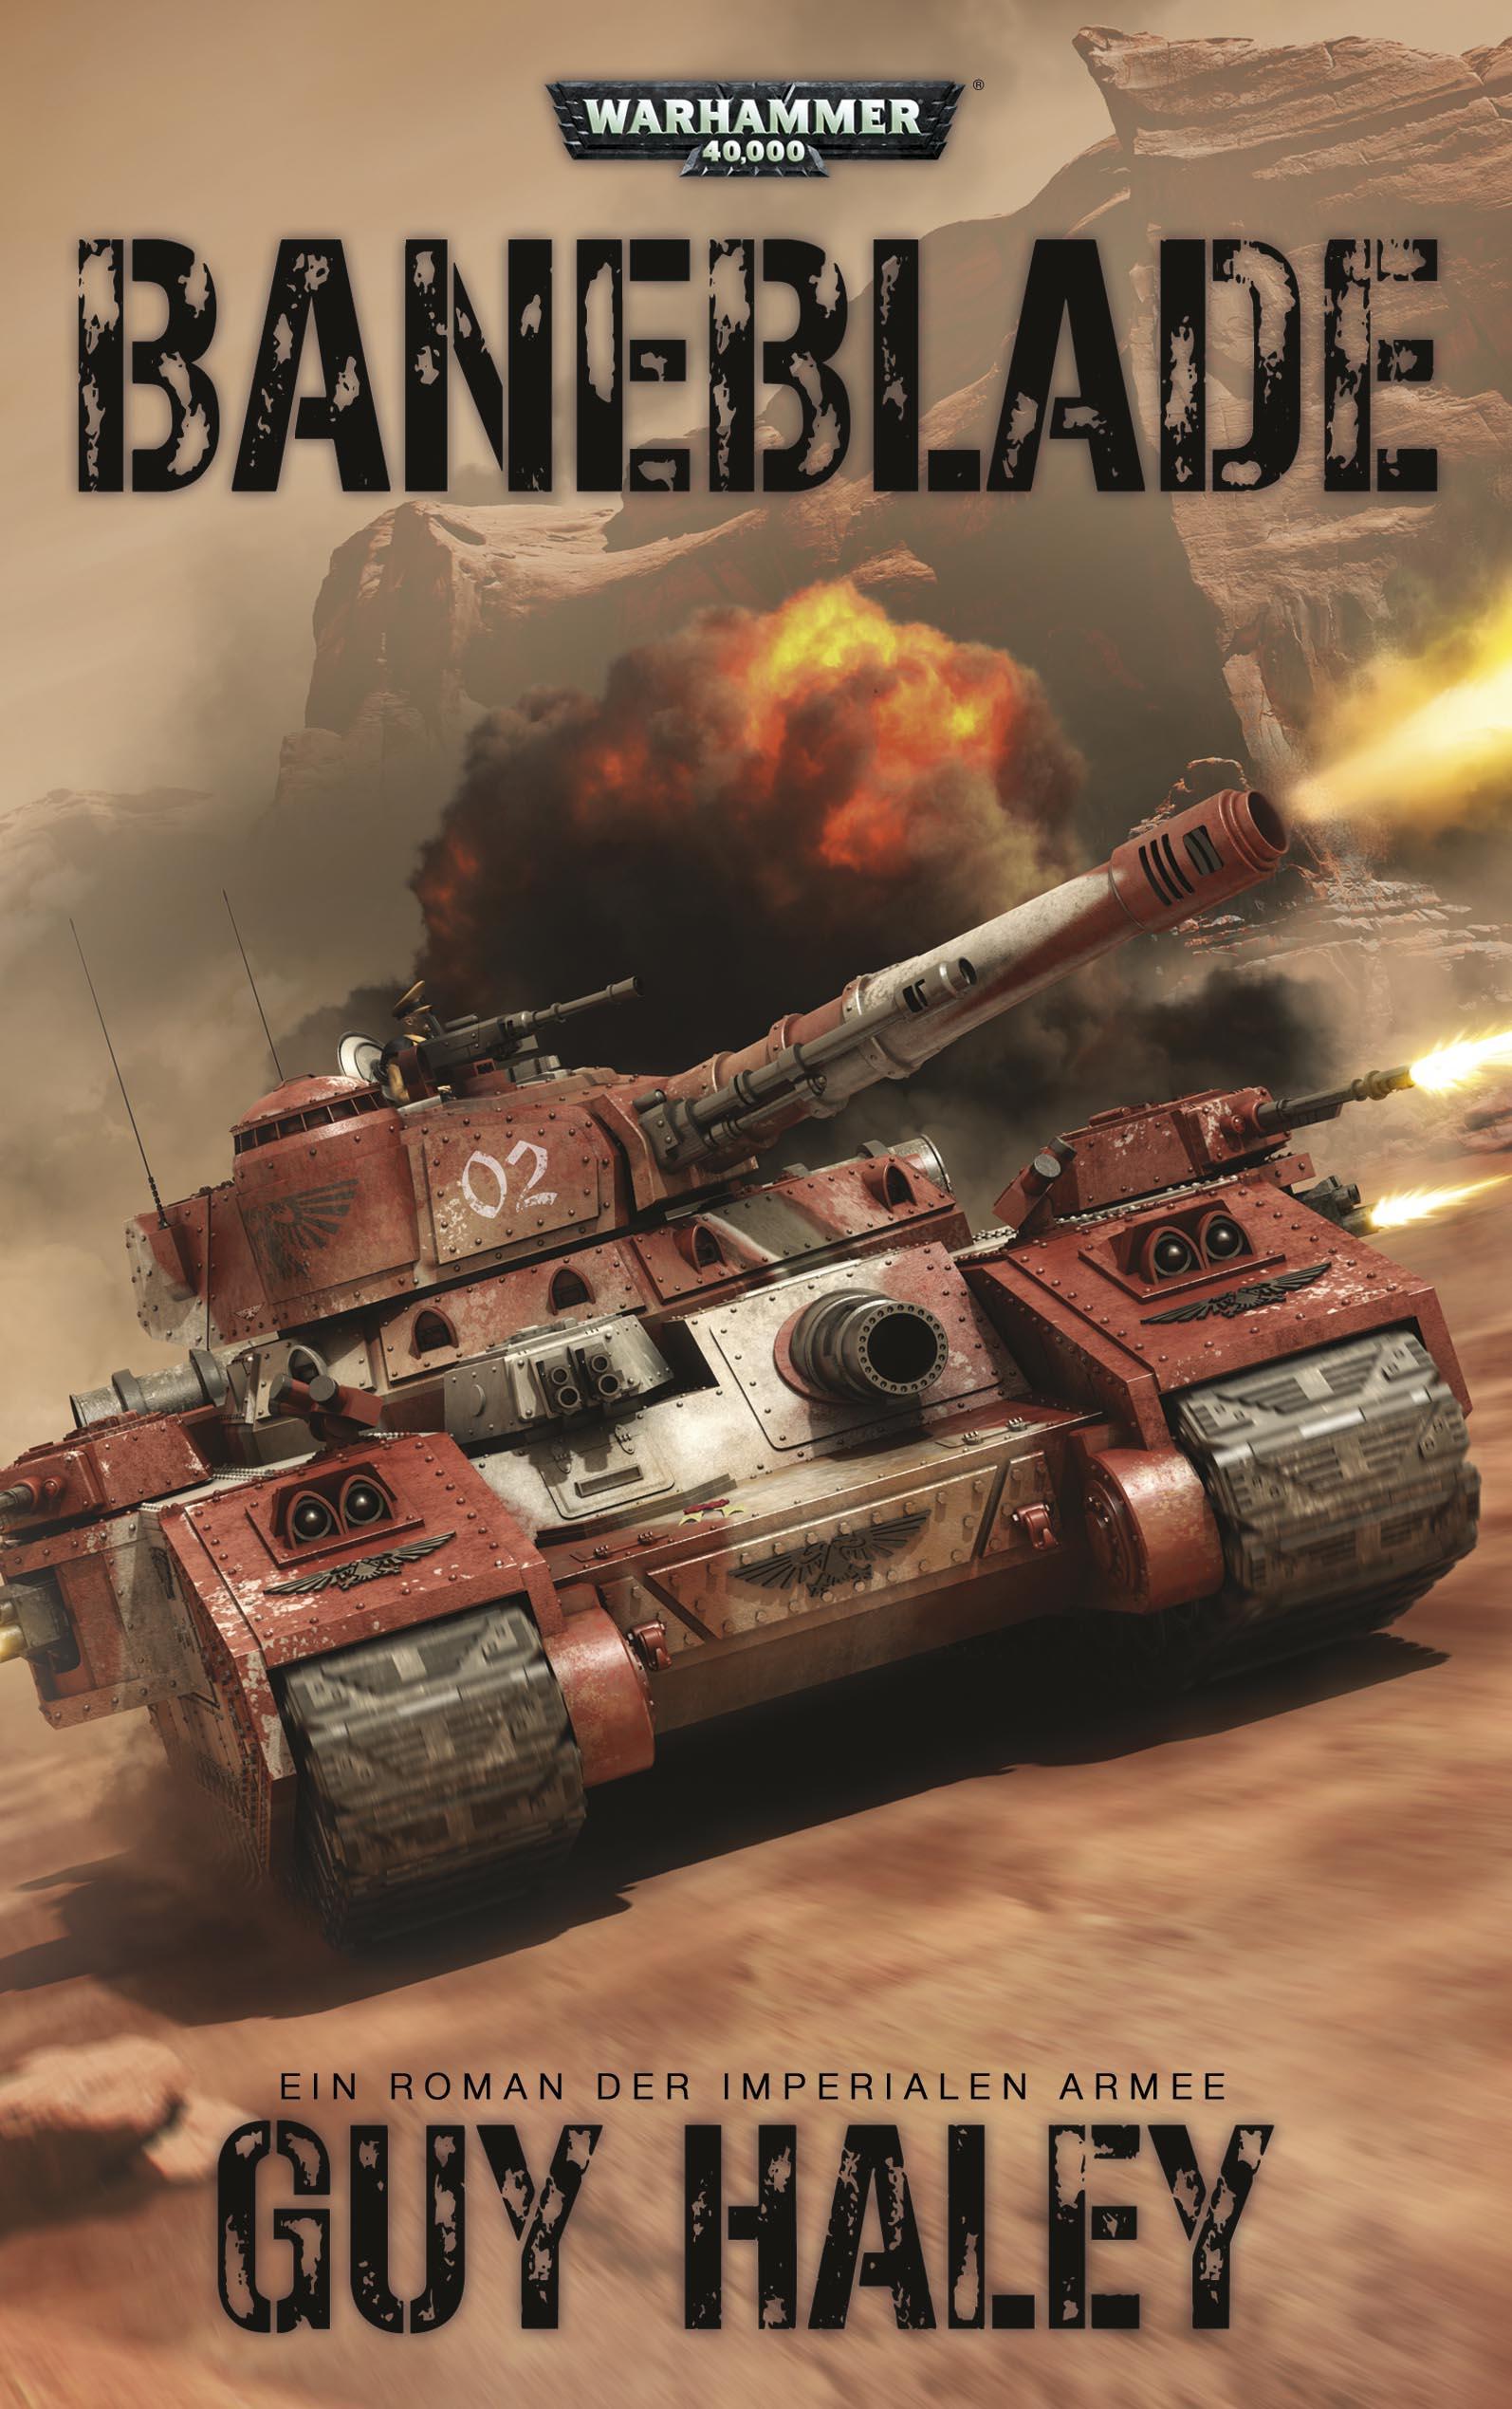 Warhammer 40.000 - Baneblade: Ein Roman der Imperialen Armee - Guy Haley